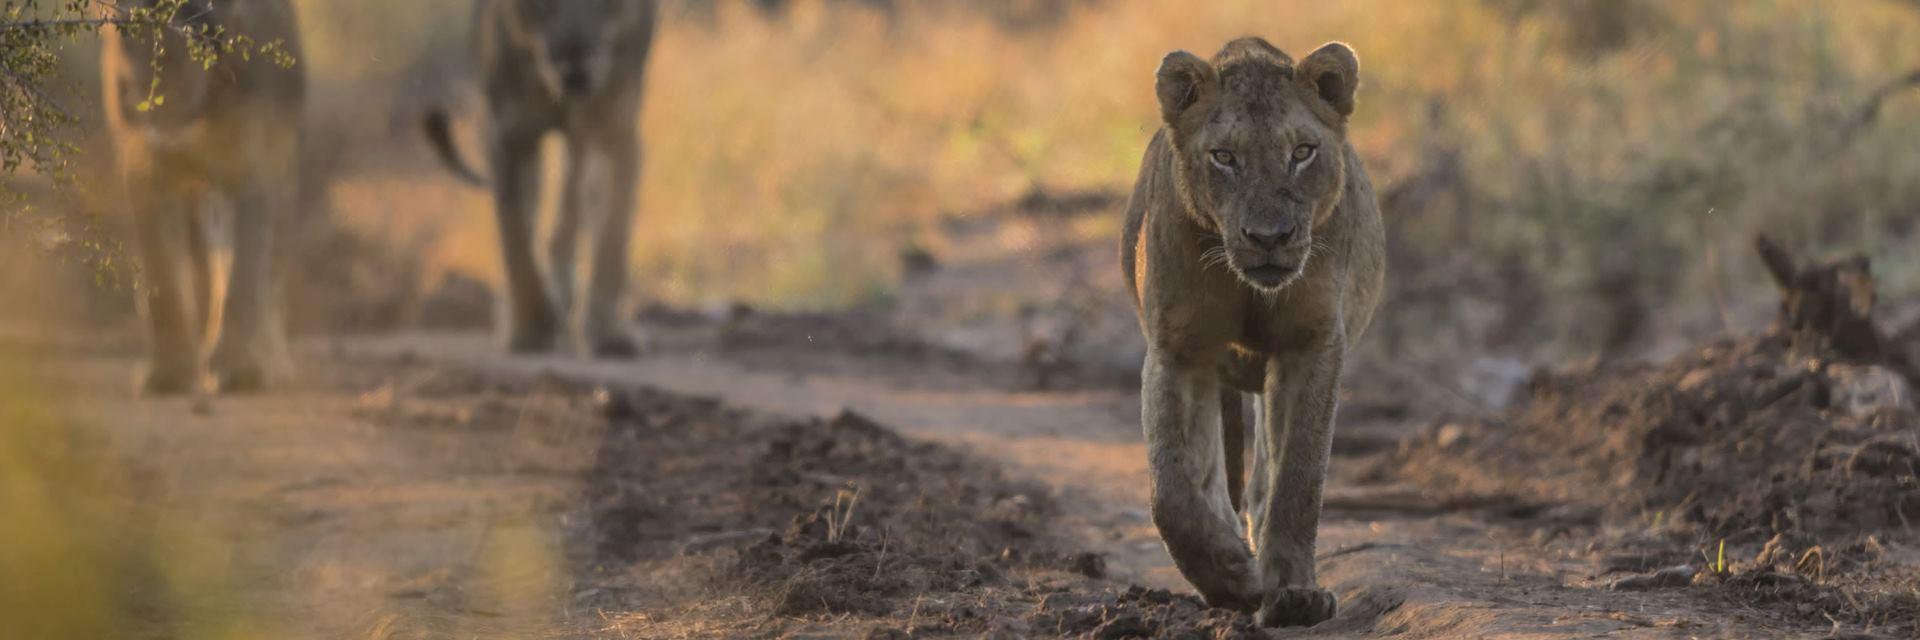 Lions in Kruger National Park